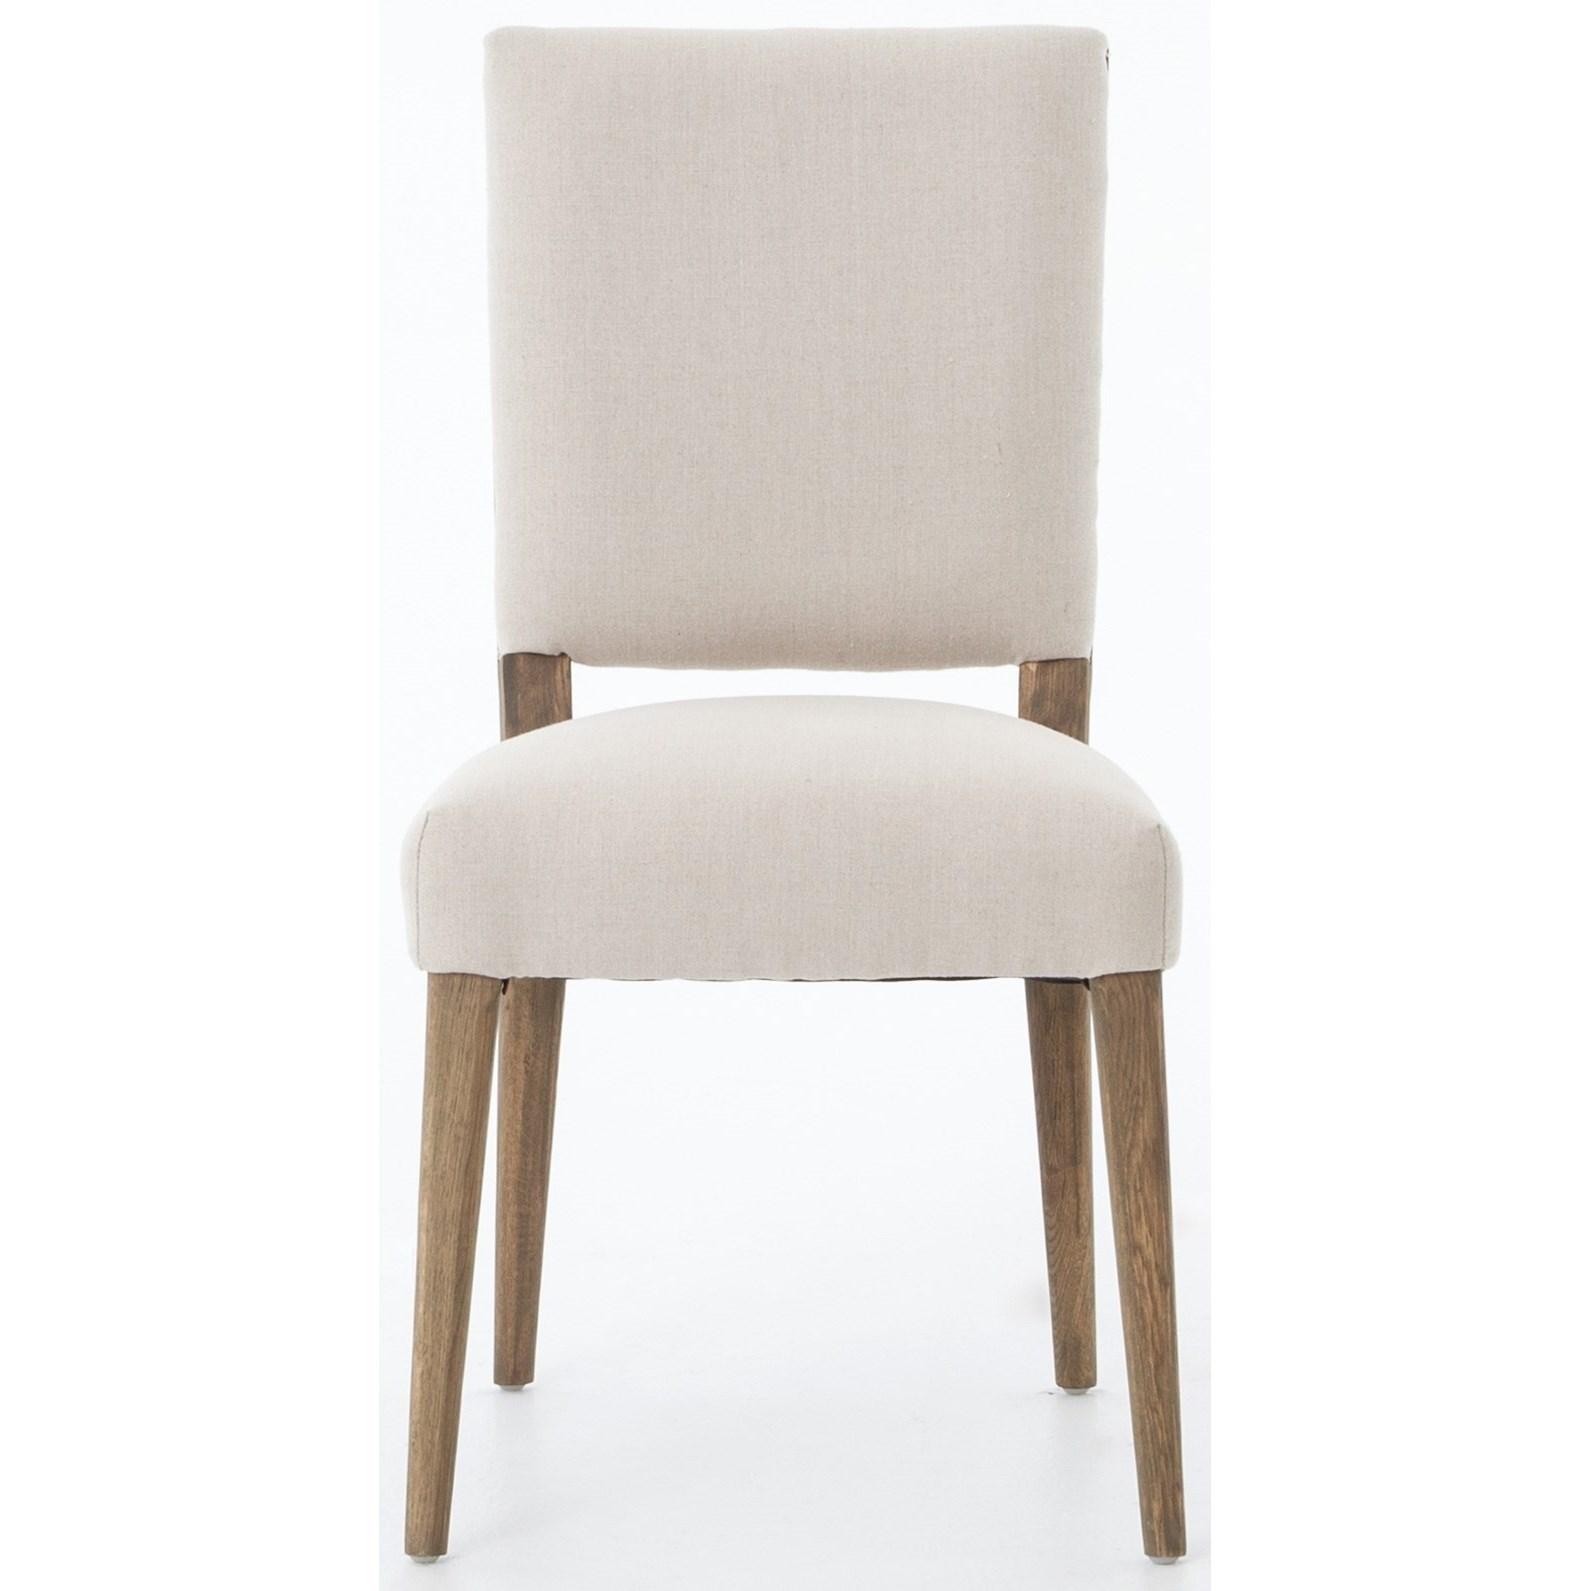 Abbott Kurt Dining Chair by Interior Style at Sprintz Furniture